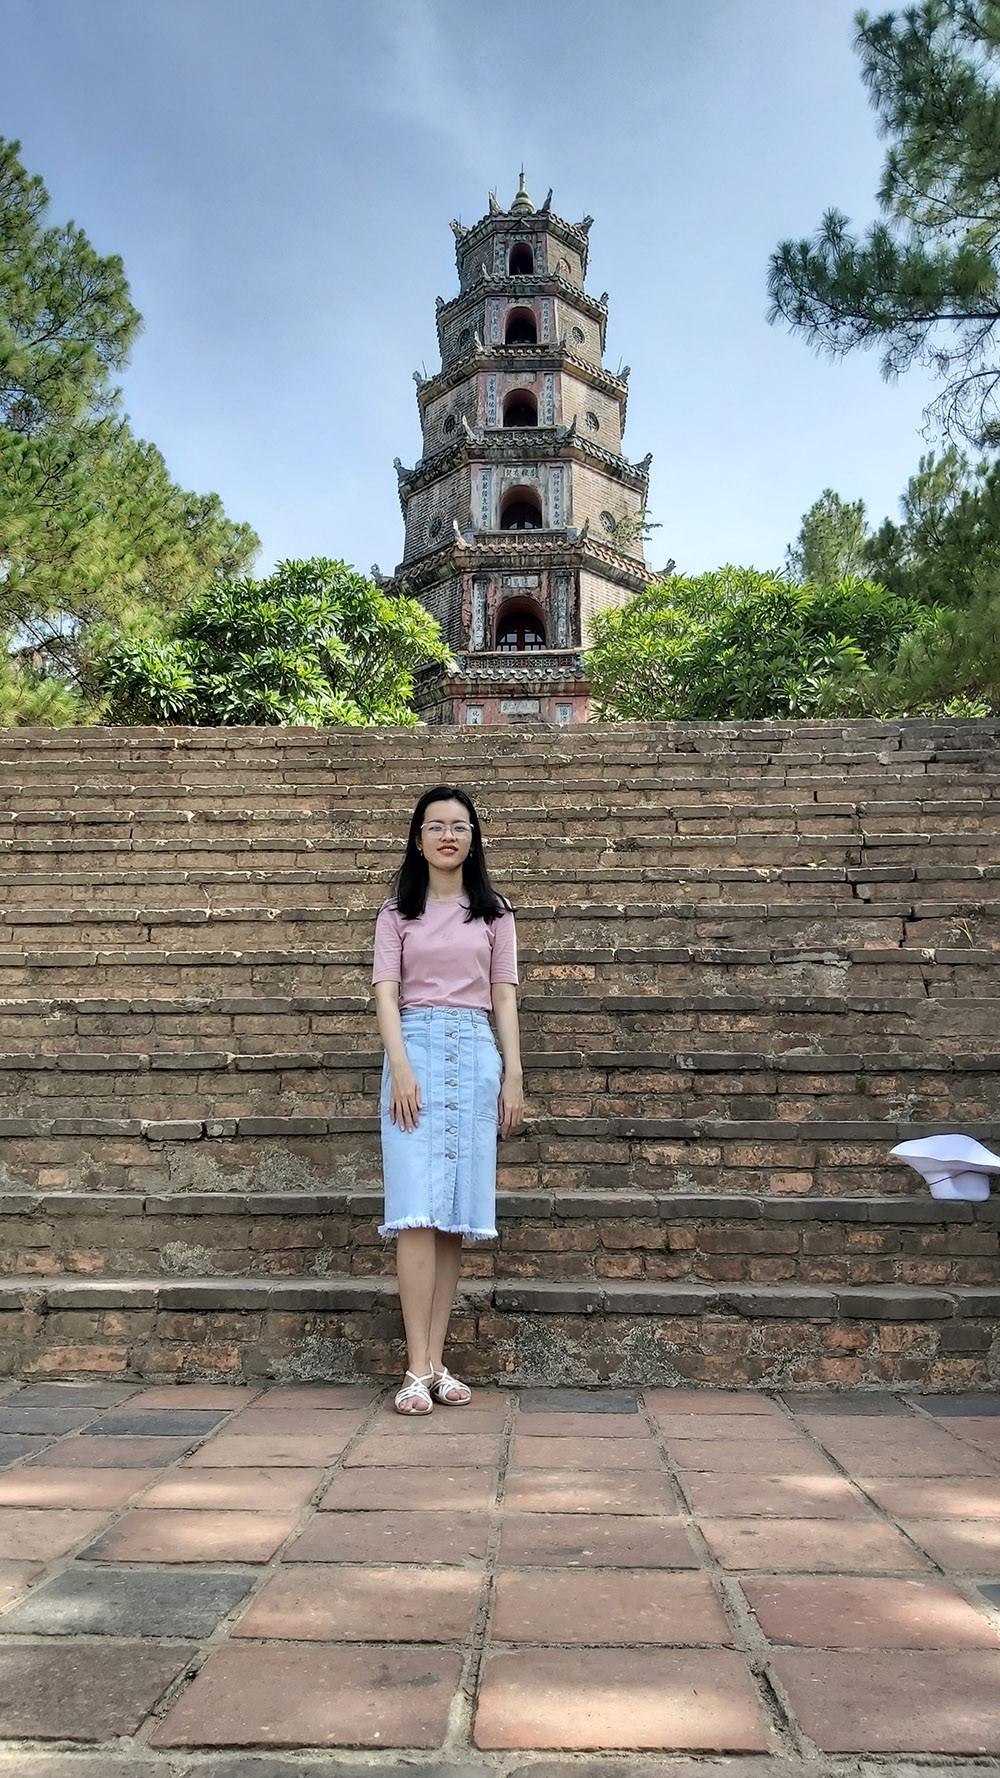 Ngôi chùa cổ kính soi bóng trên dòng sông Hương mộng mơ - 3